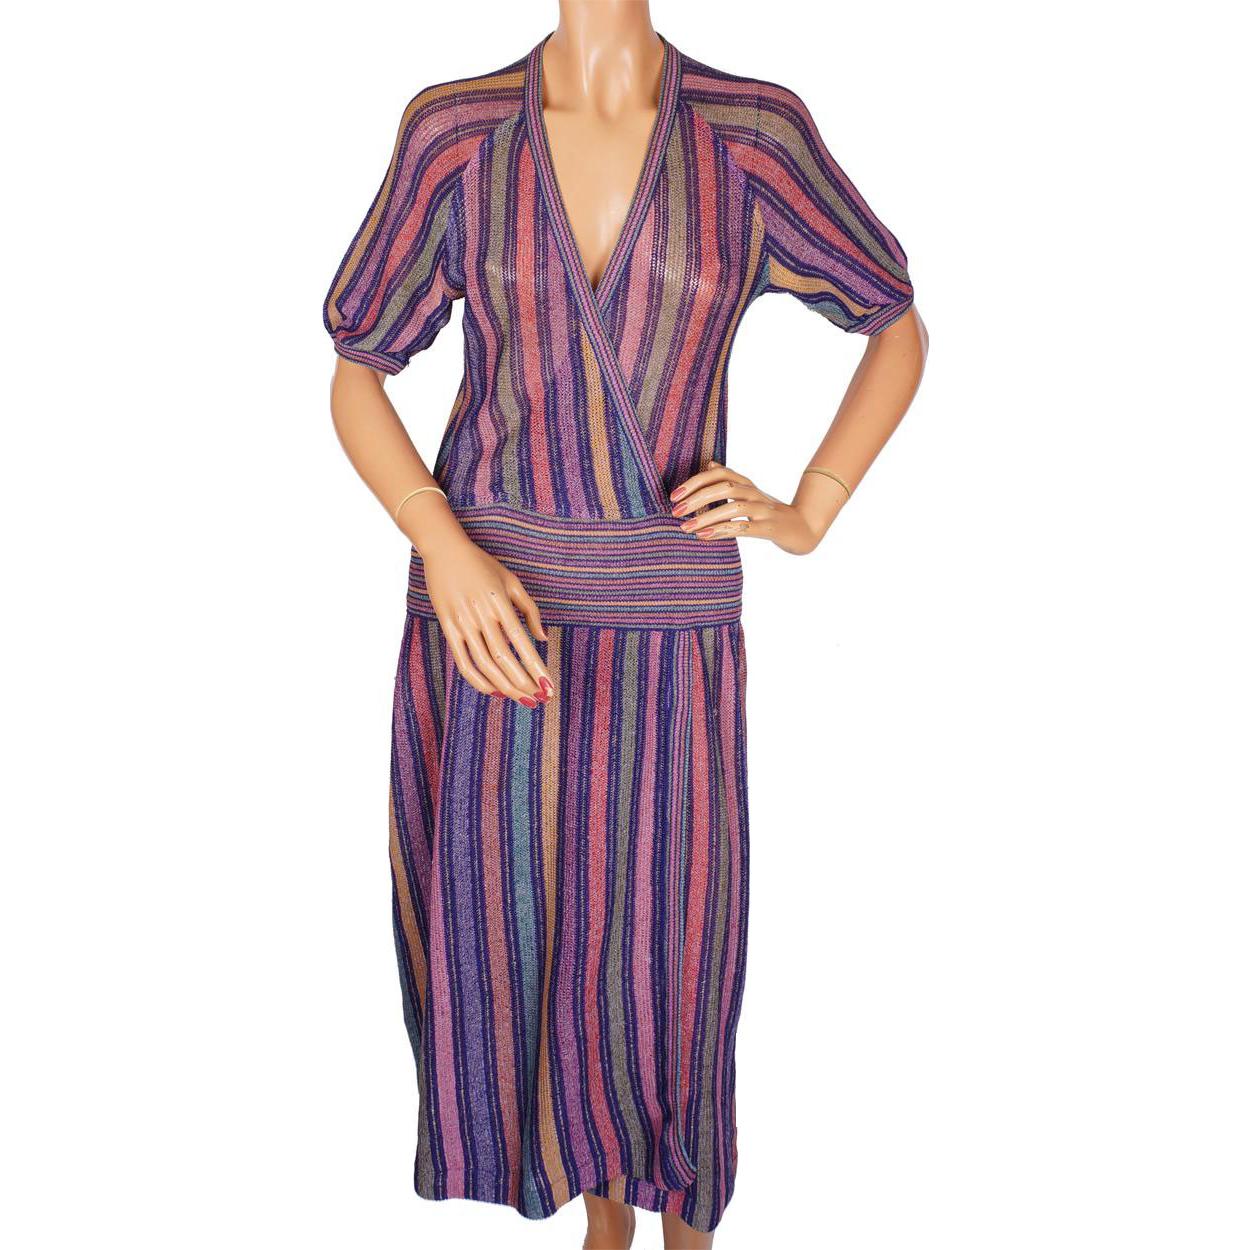 Vintage 1970s Missoni For Bloomingdales Knit Linen Dress